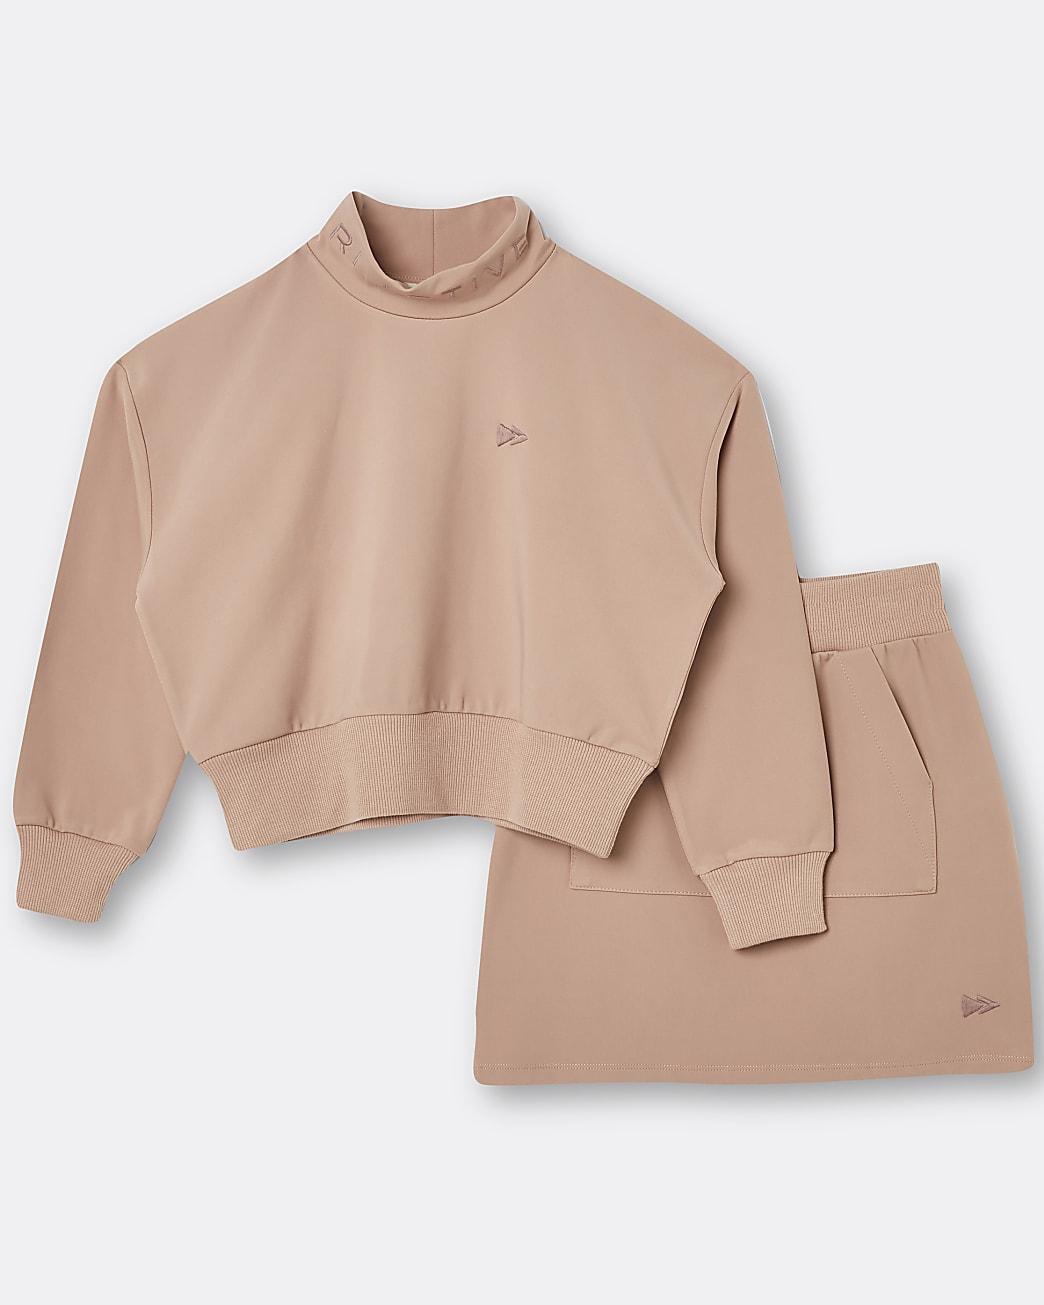 Girls beige RI Active sweatshirt and skirt